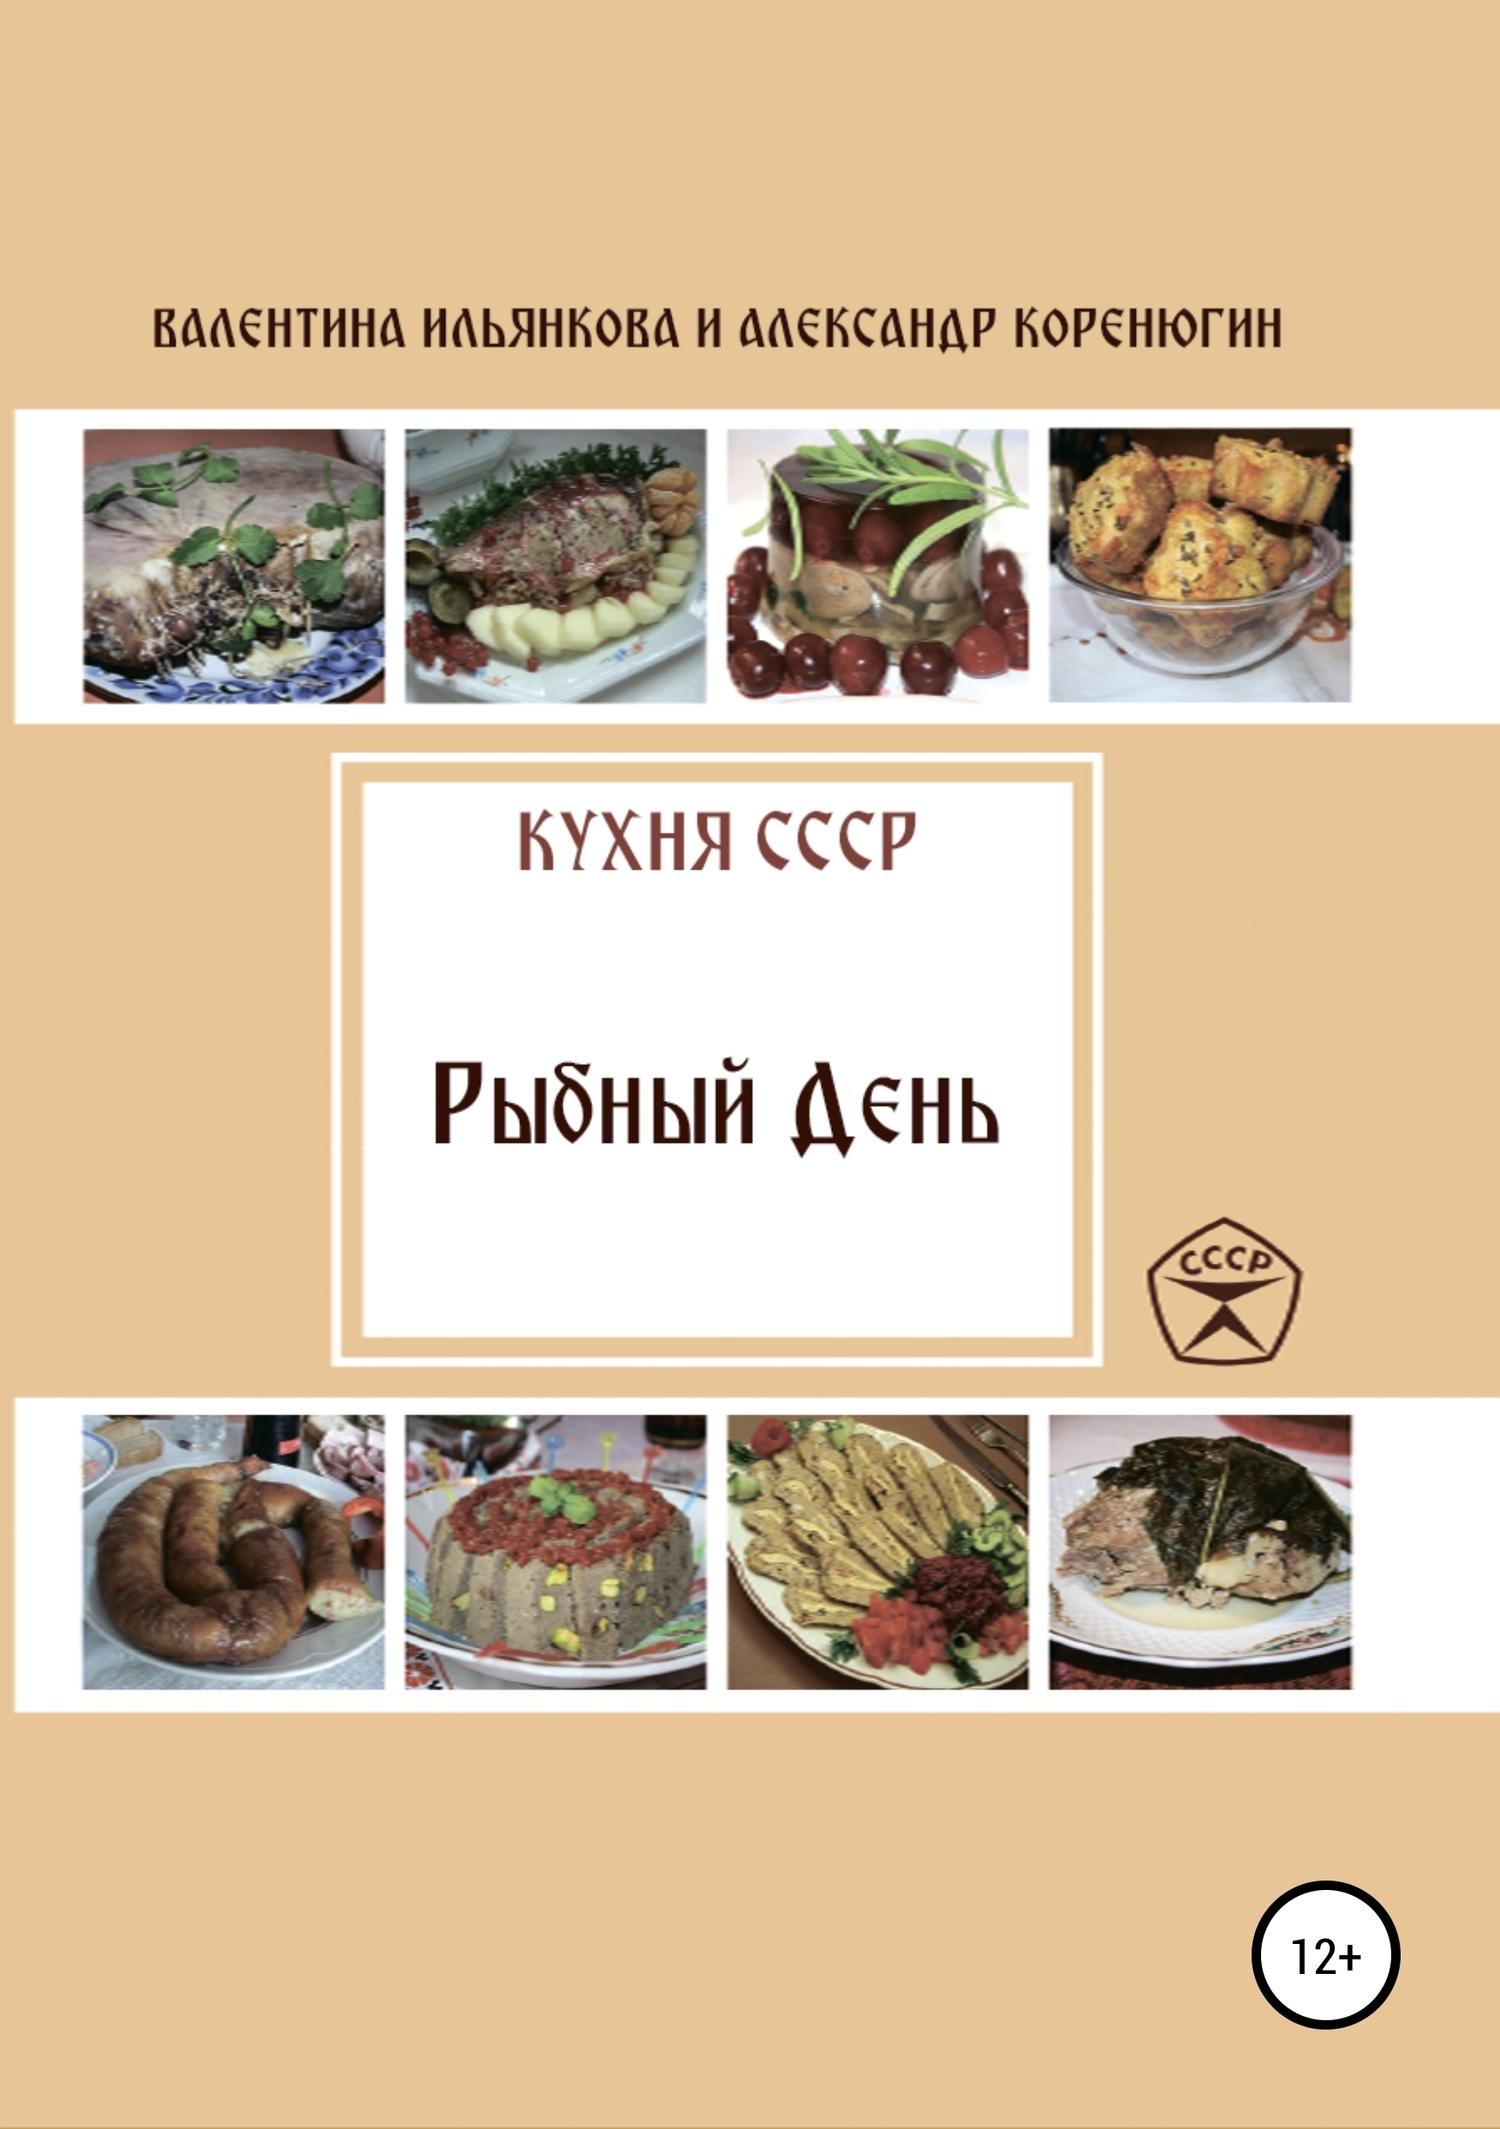 Александр Коренюгин, Валентина Ильянкова - Кухня СССР. Рыбный день